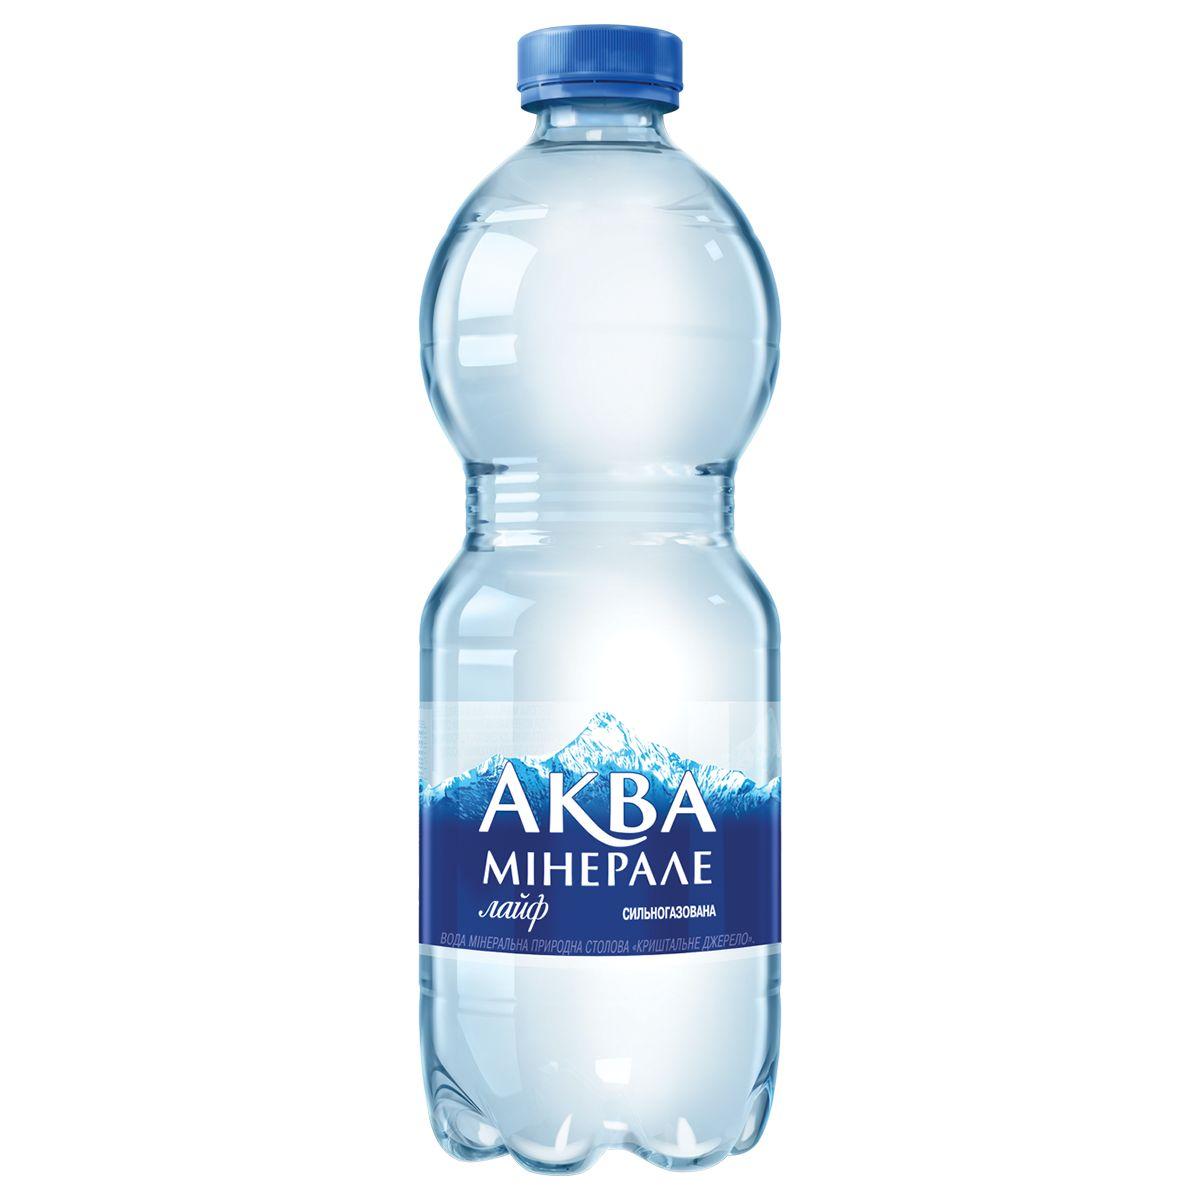 Aqua Minerale газ фото 1